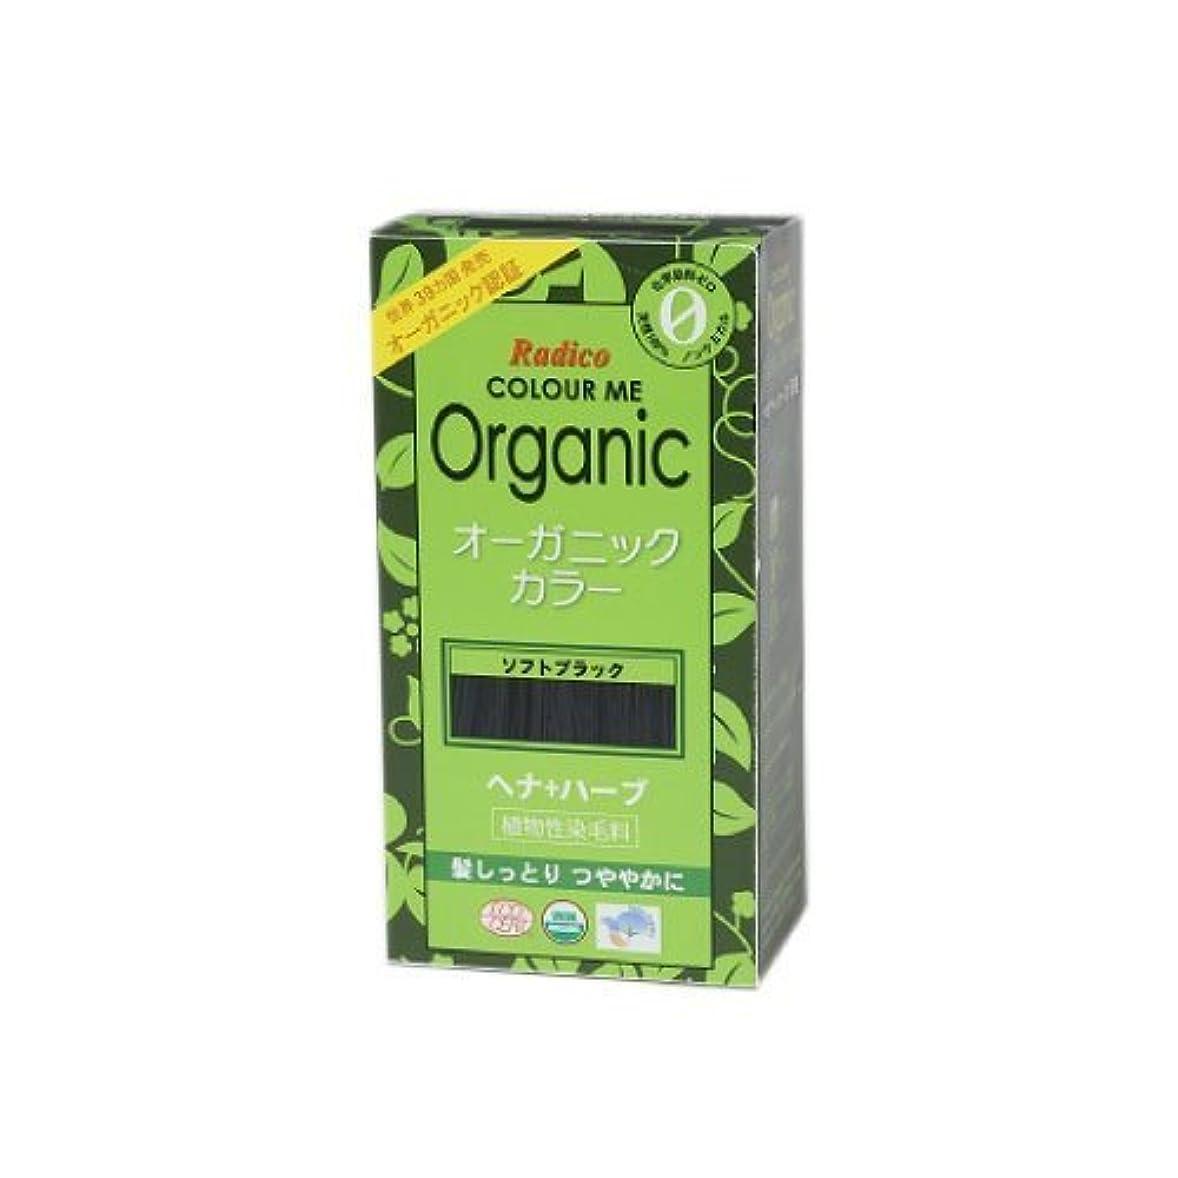 問い合わせる湿った関連するCOLOURME Organic (カラーミーオーガニック ヘナ 白髪用 髪色戻し) ソフトブラック 100g